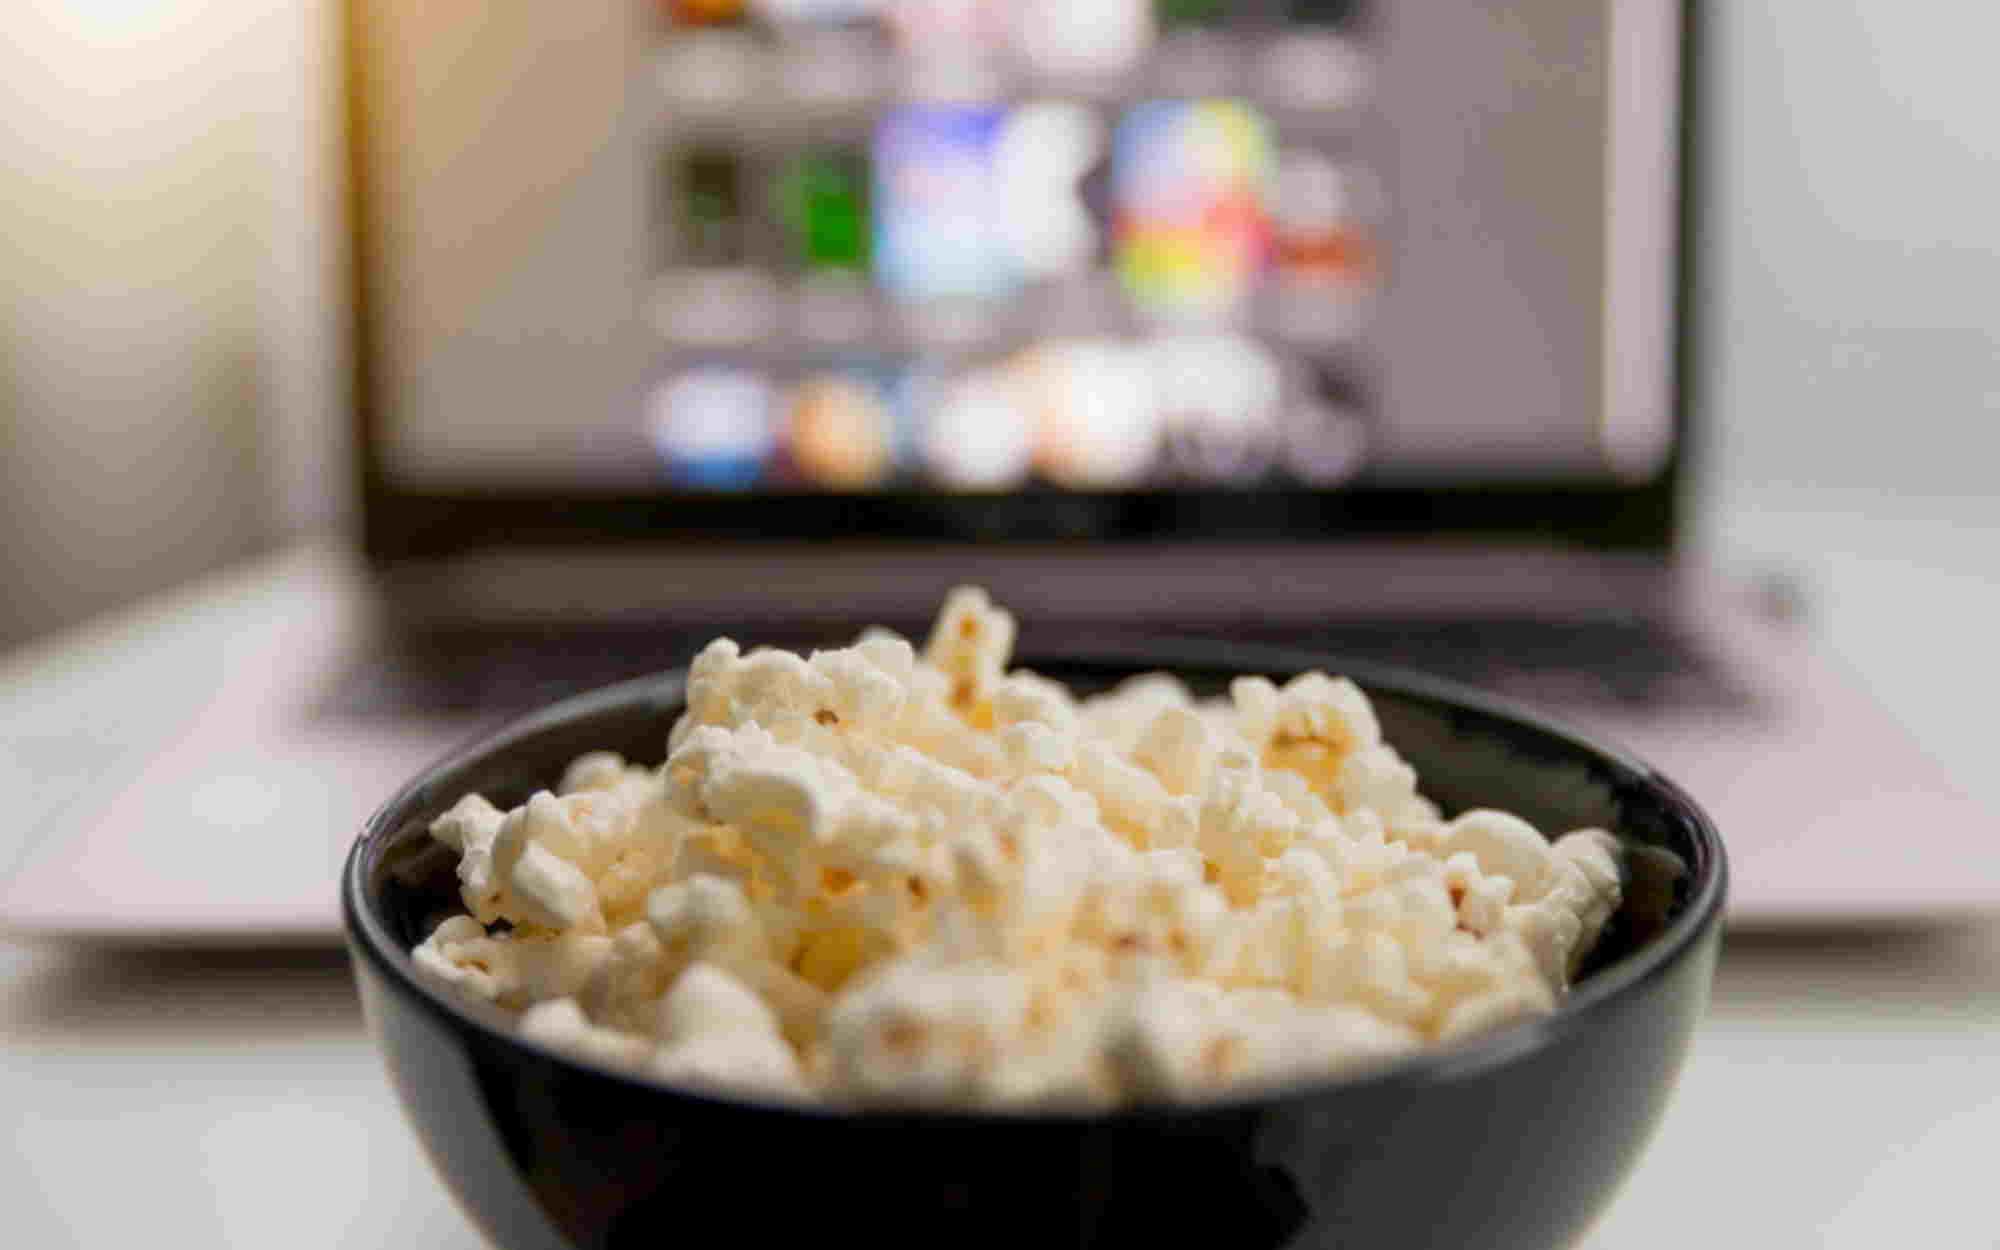 Κάνε το σαλόνι σου σινεμά με μία πραγματικά μεγάλη τηλεόραση